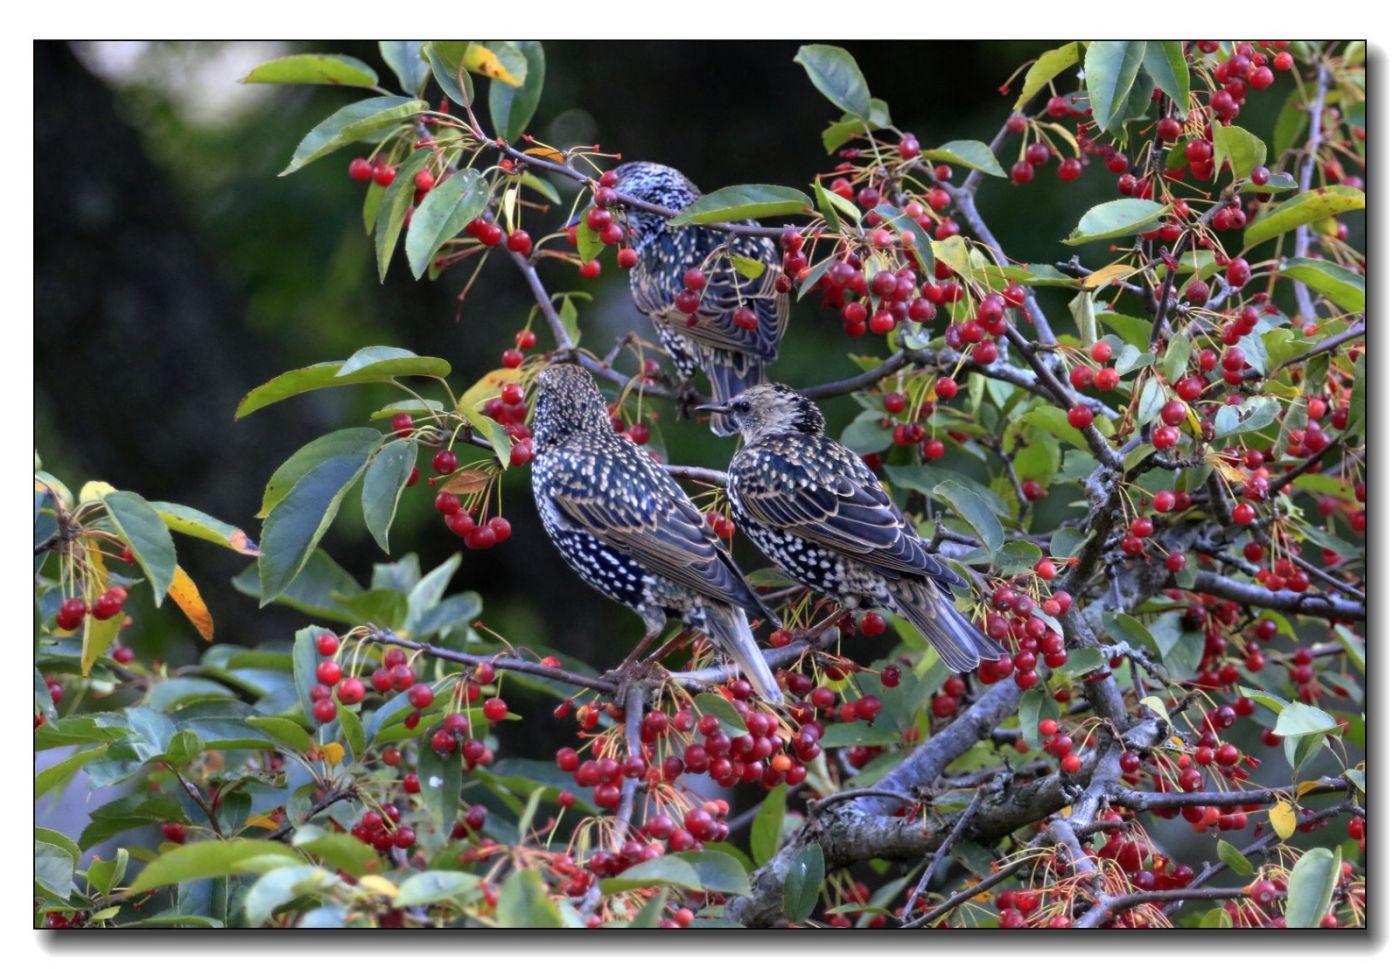 果熟鸟来图-紫翅椋鸟_图1-5